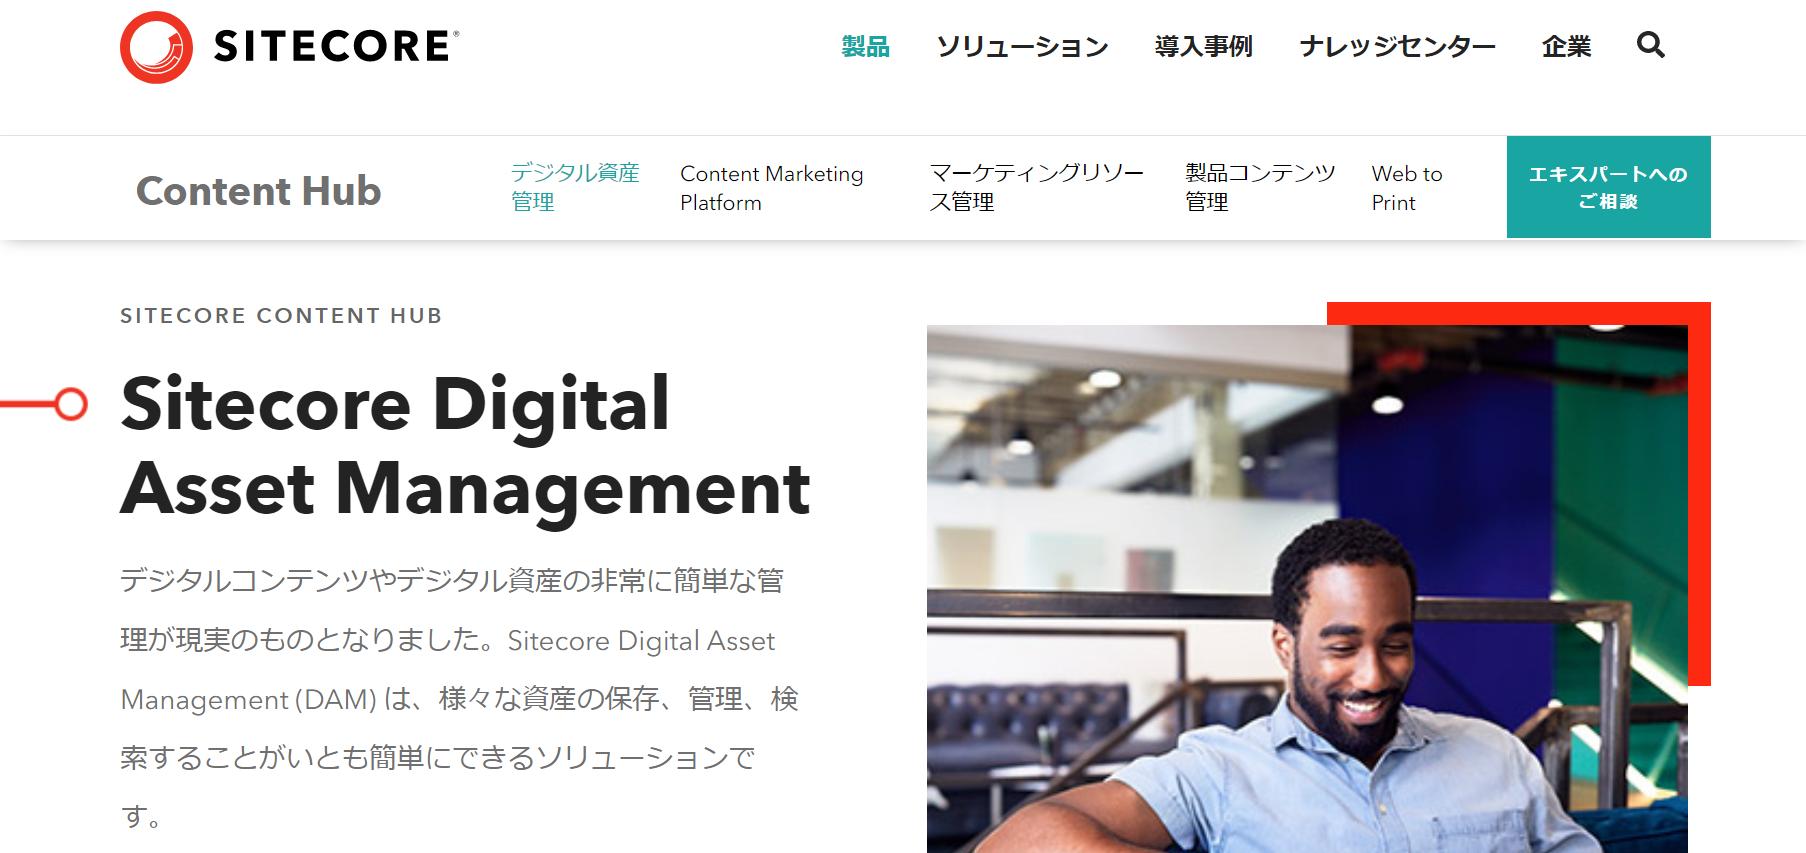 Sitecore Digital Asset Management